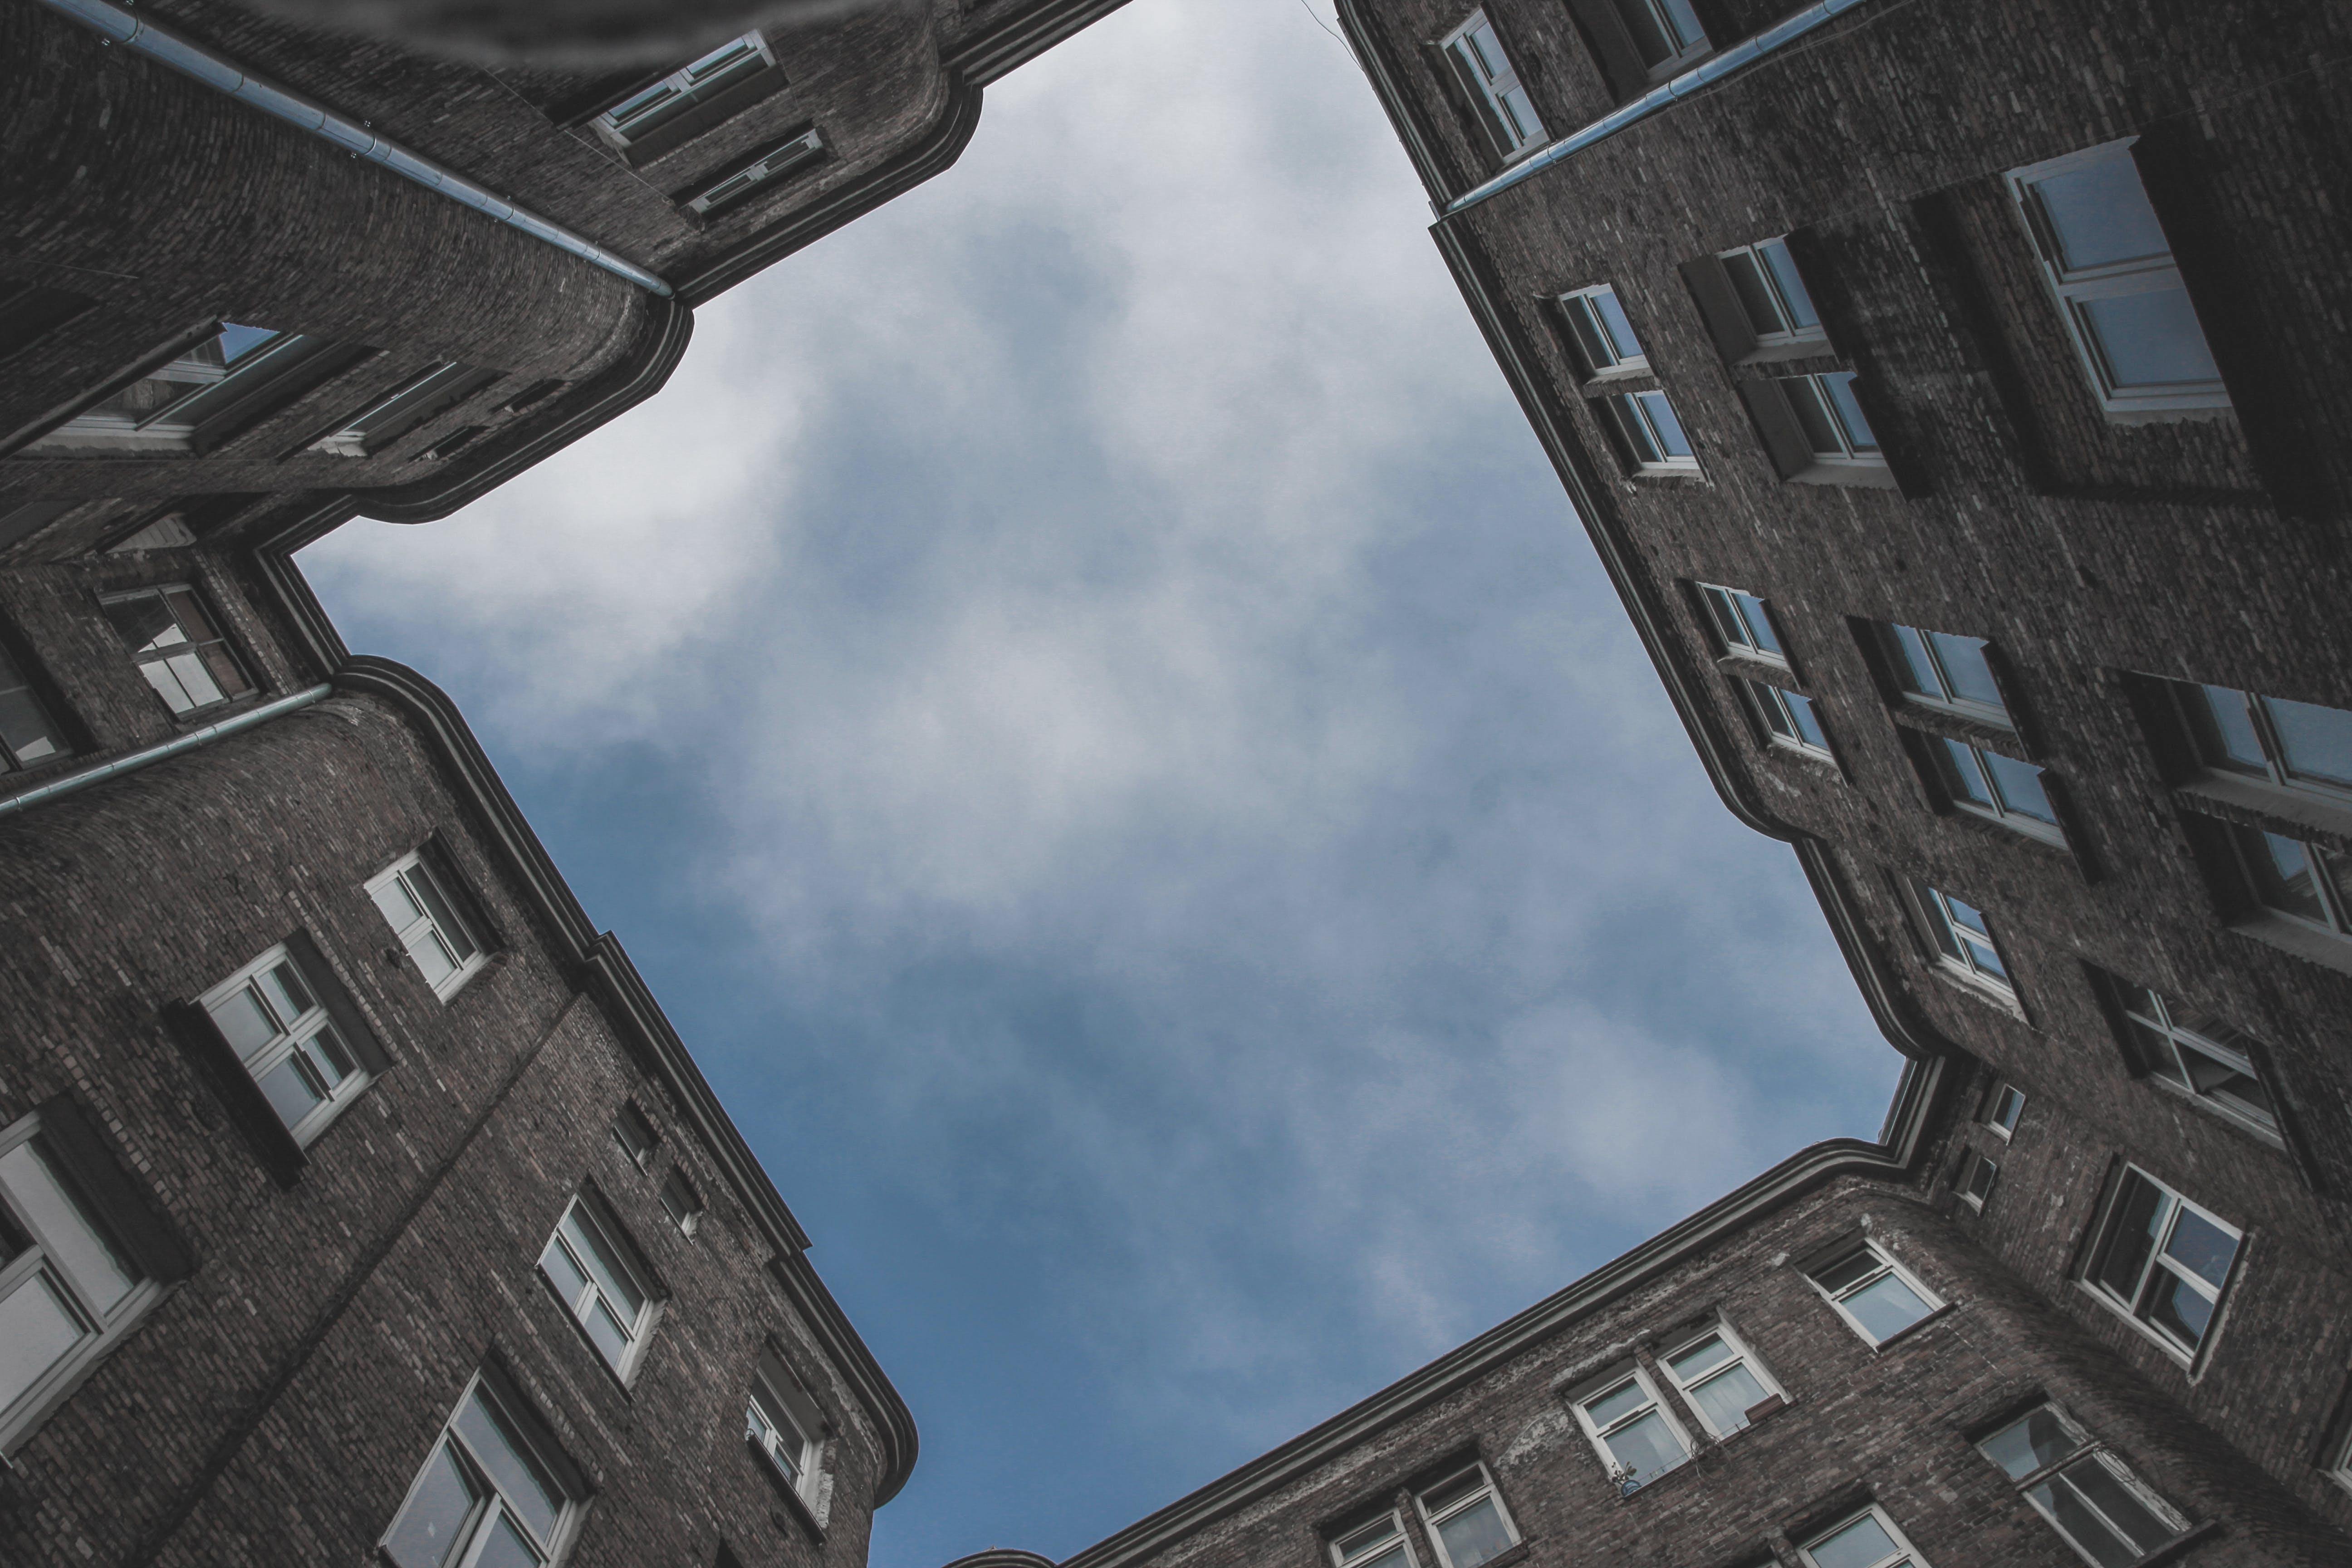 Gratis stockfoto met architectuur, gebouw, gezichtspunt, lage hoek schot